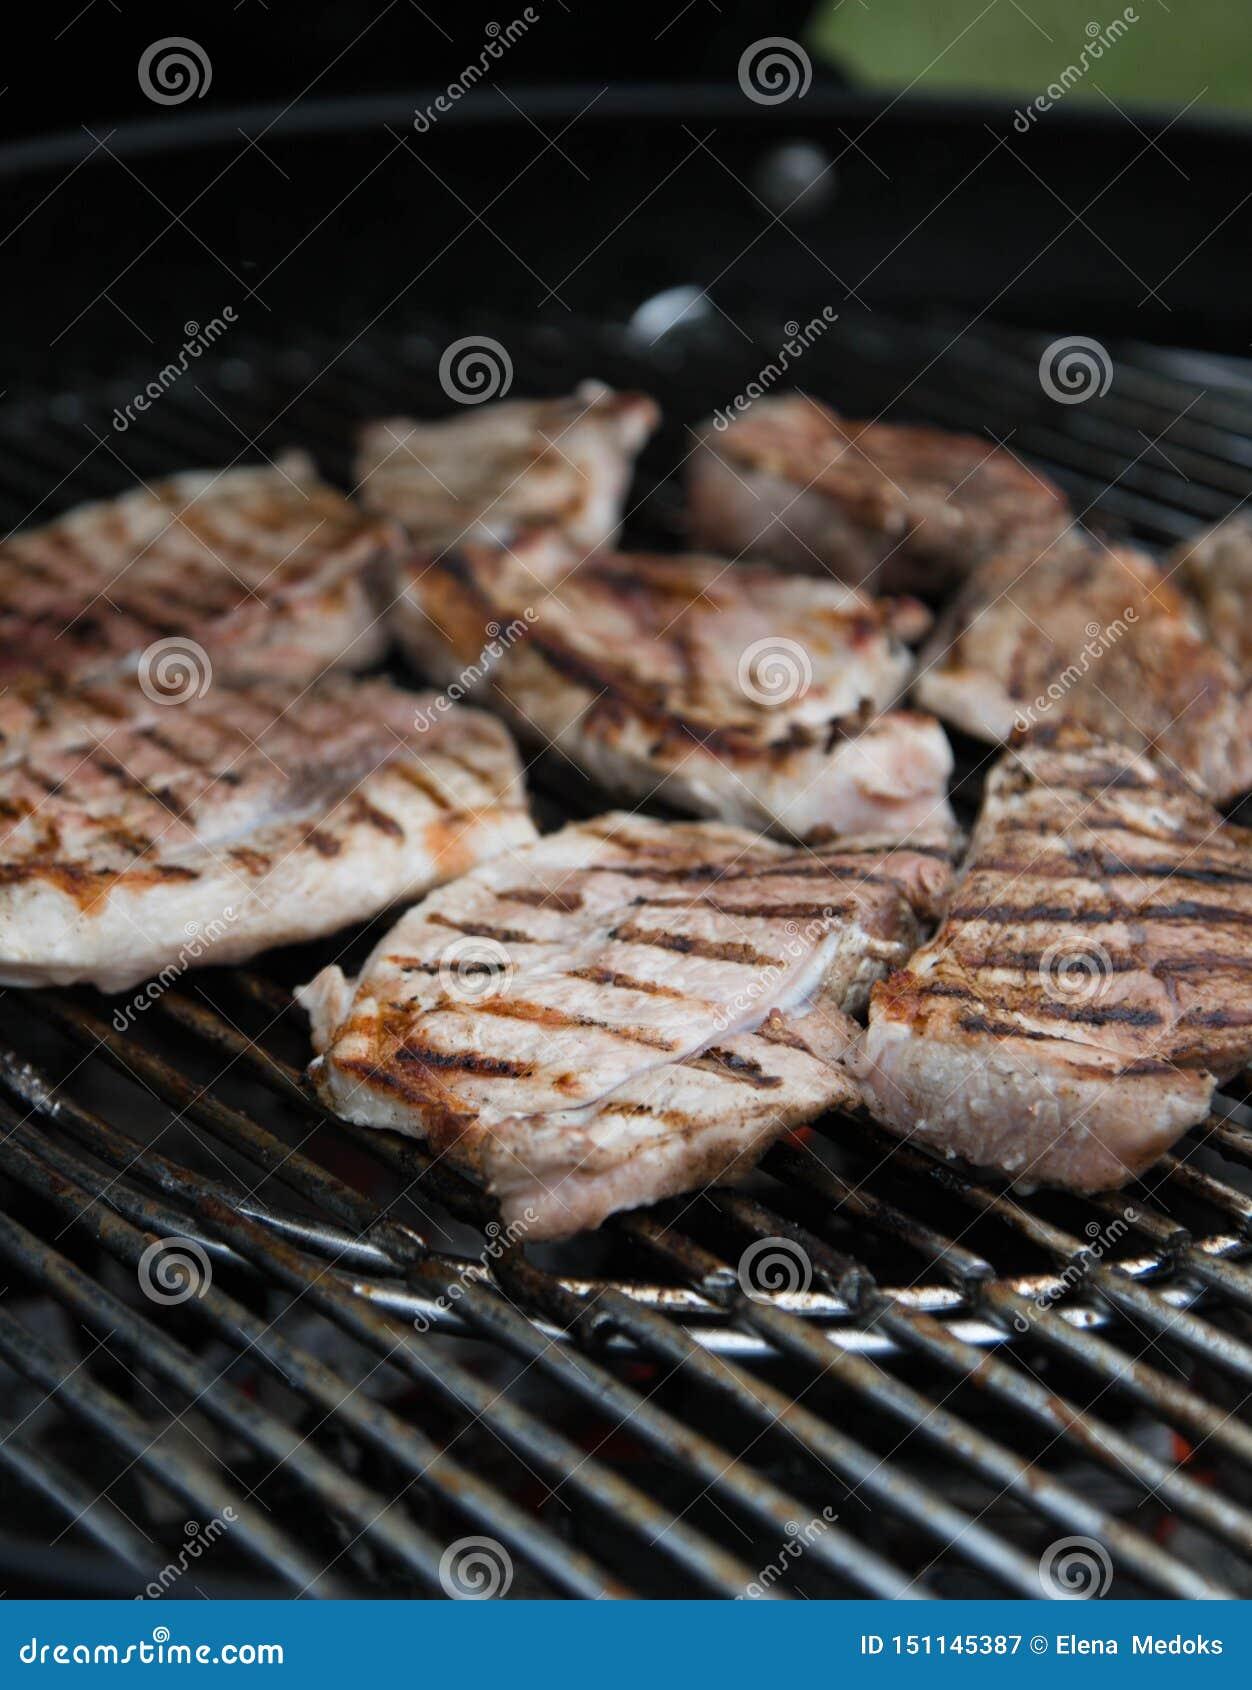 El filete asado a la parrilla de la carne, los pedazos de carne adobados se asa a la parrilla en la parrilla Barbacoa